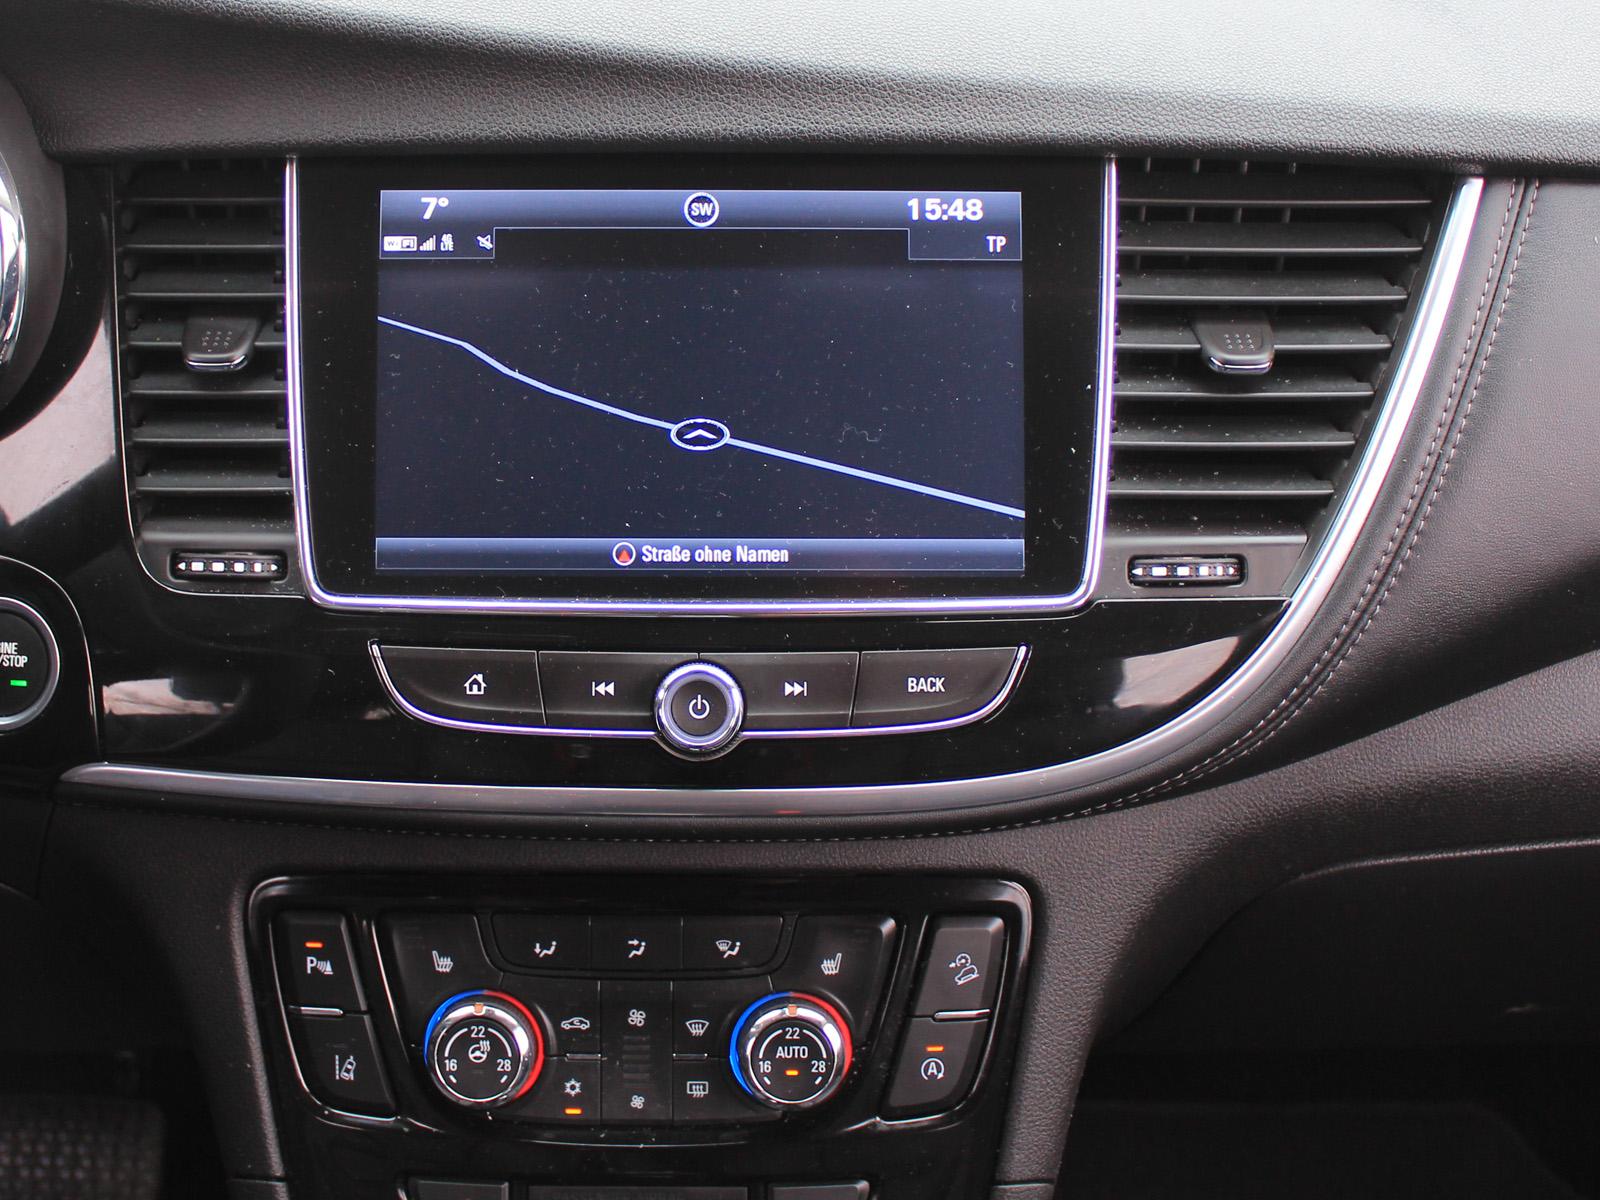 Opel mokka x innovation 1 4 turbo testbericht for Opel mokka x interieur